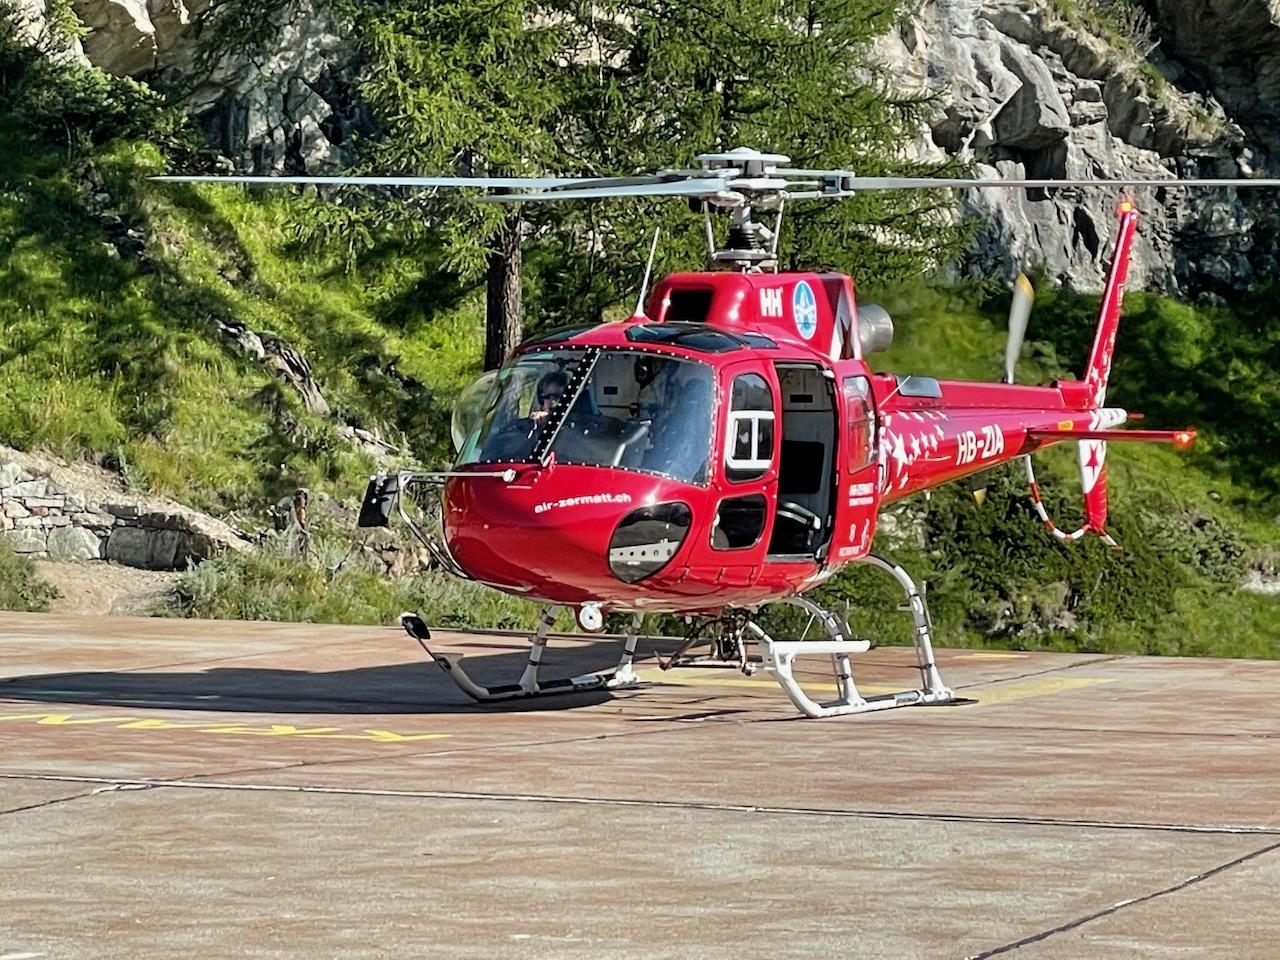 Zermatt to Burgenstock Resort via Air Zermatt